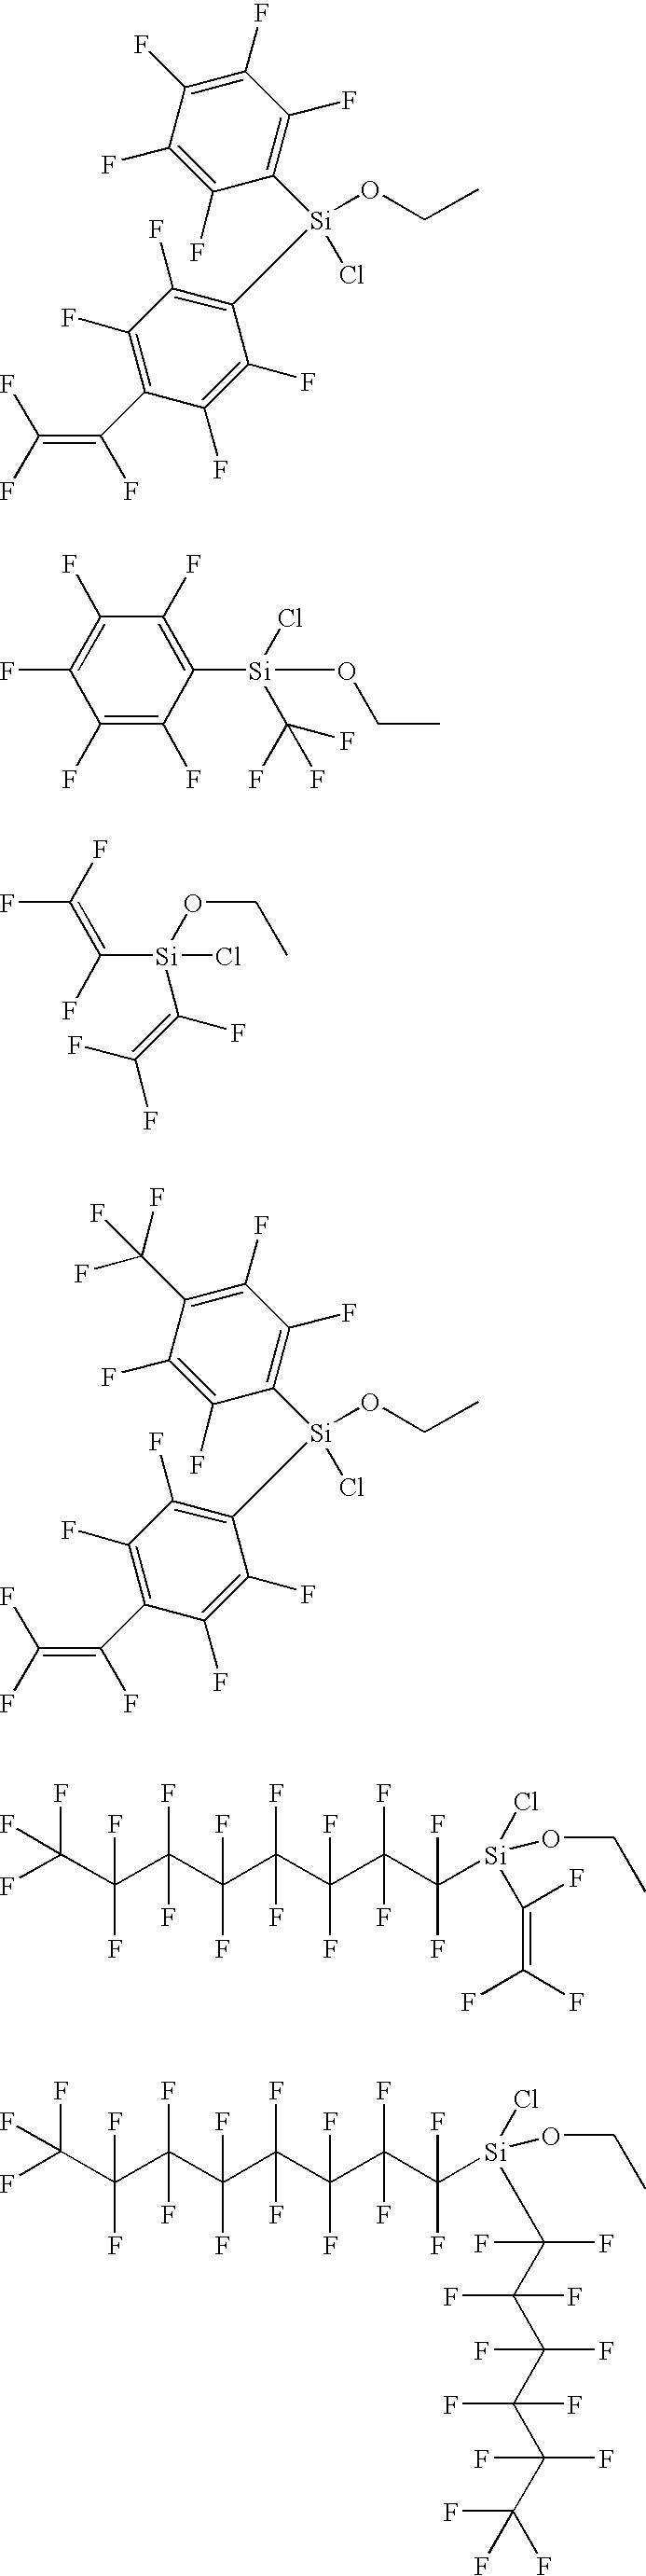 Figure US07144827-20061205-C00013